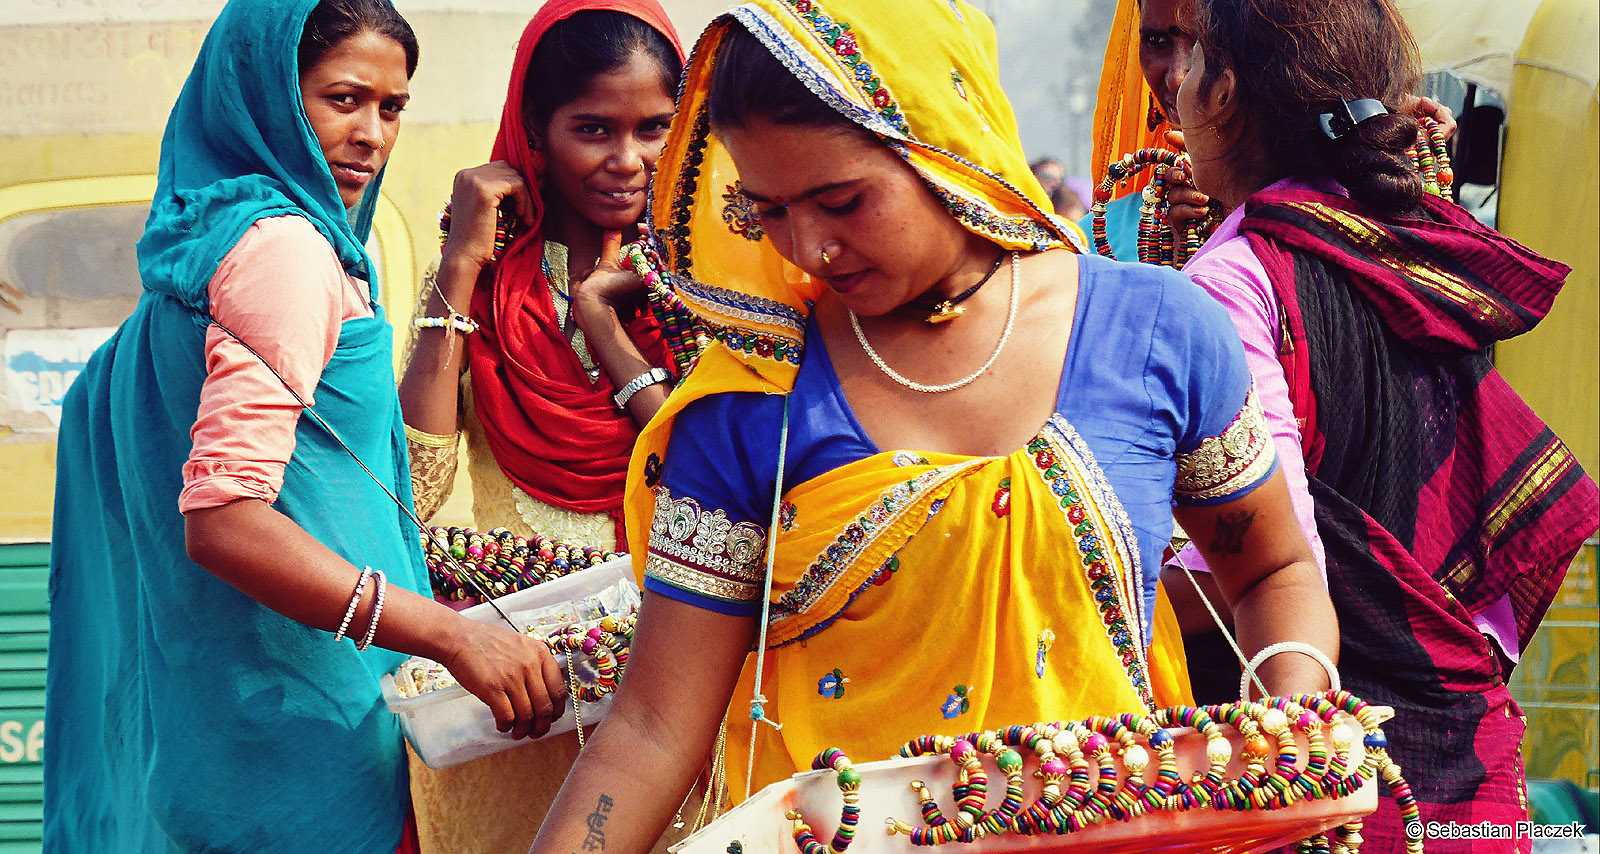 Kobiety w sari. Indie, Foto - Sebastian Placzek